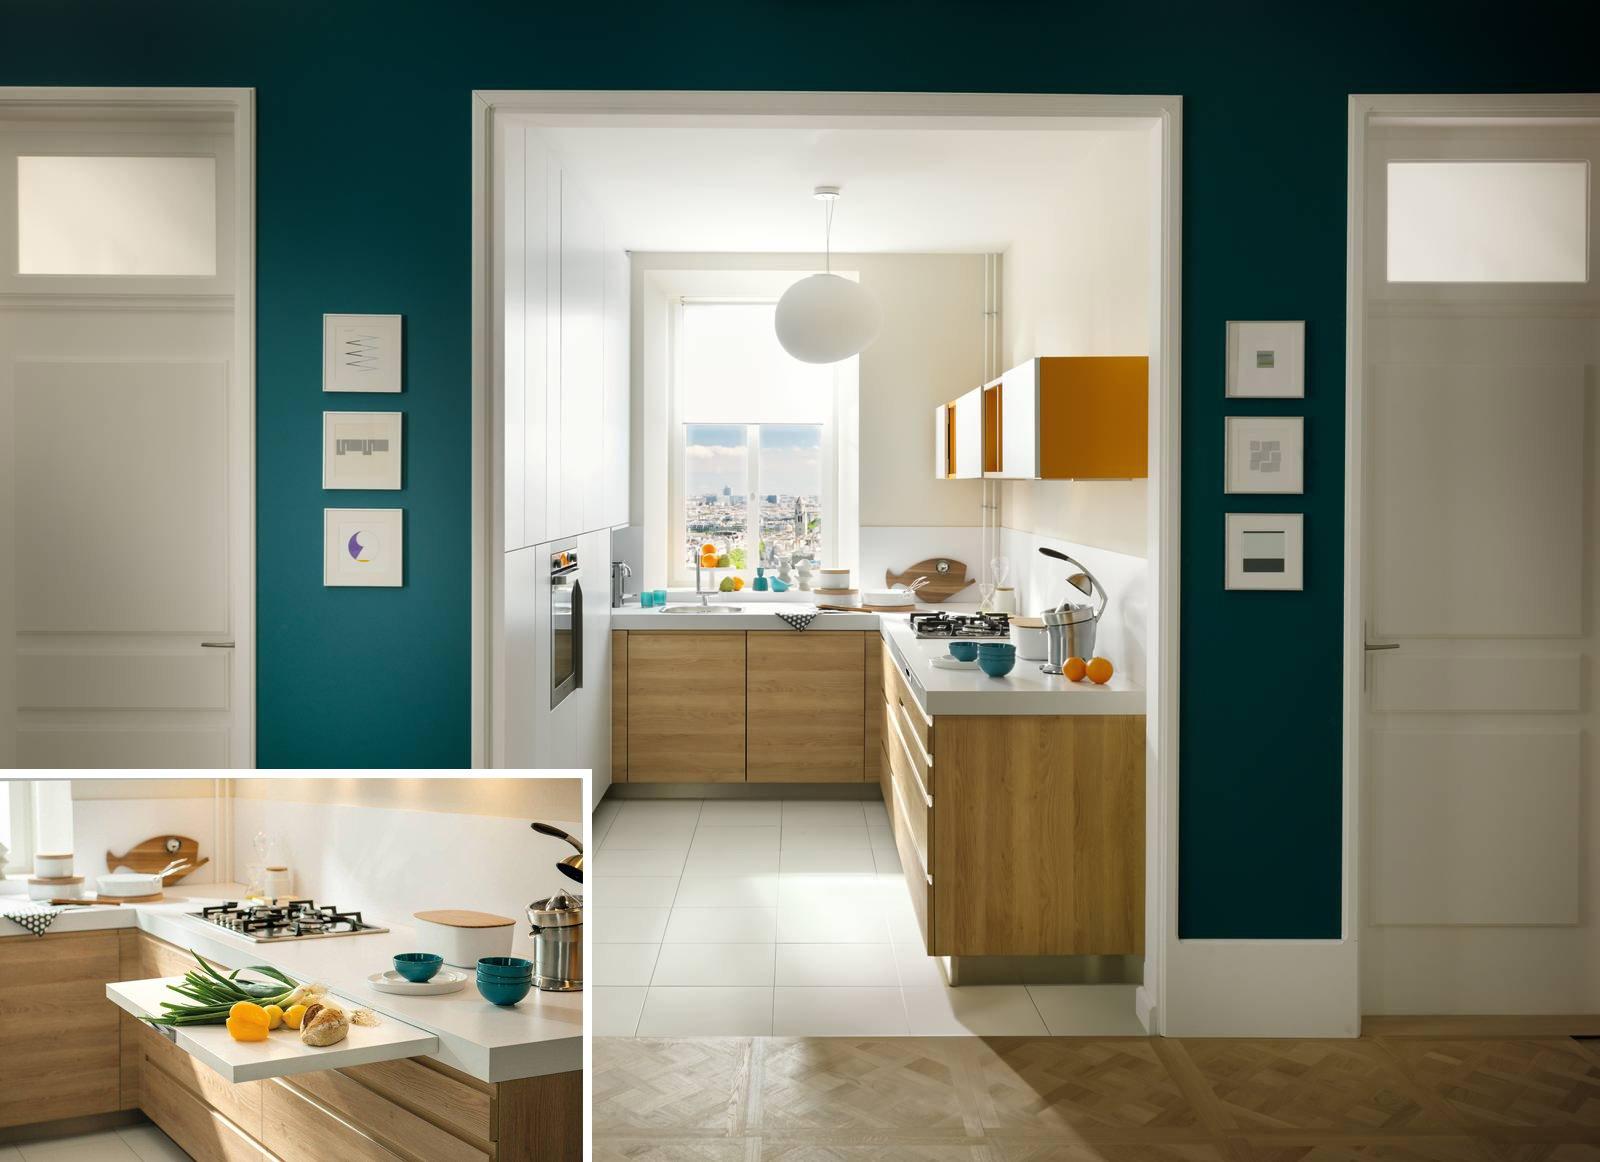 Best cucina piccola soluzioni photos - Casa piccola soluzioni ...